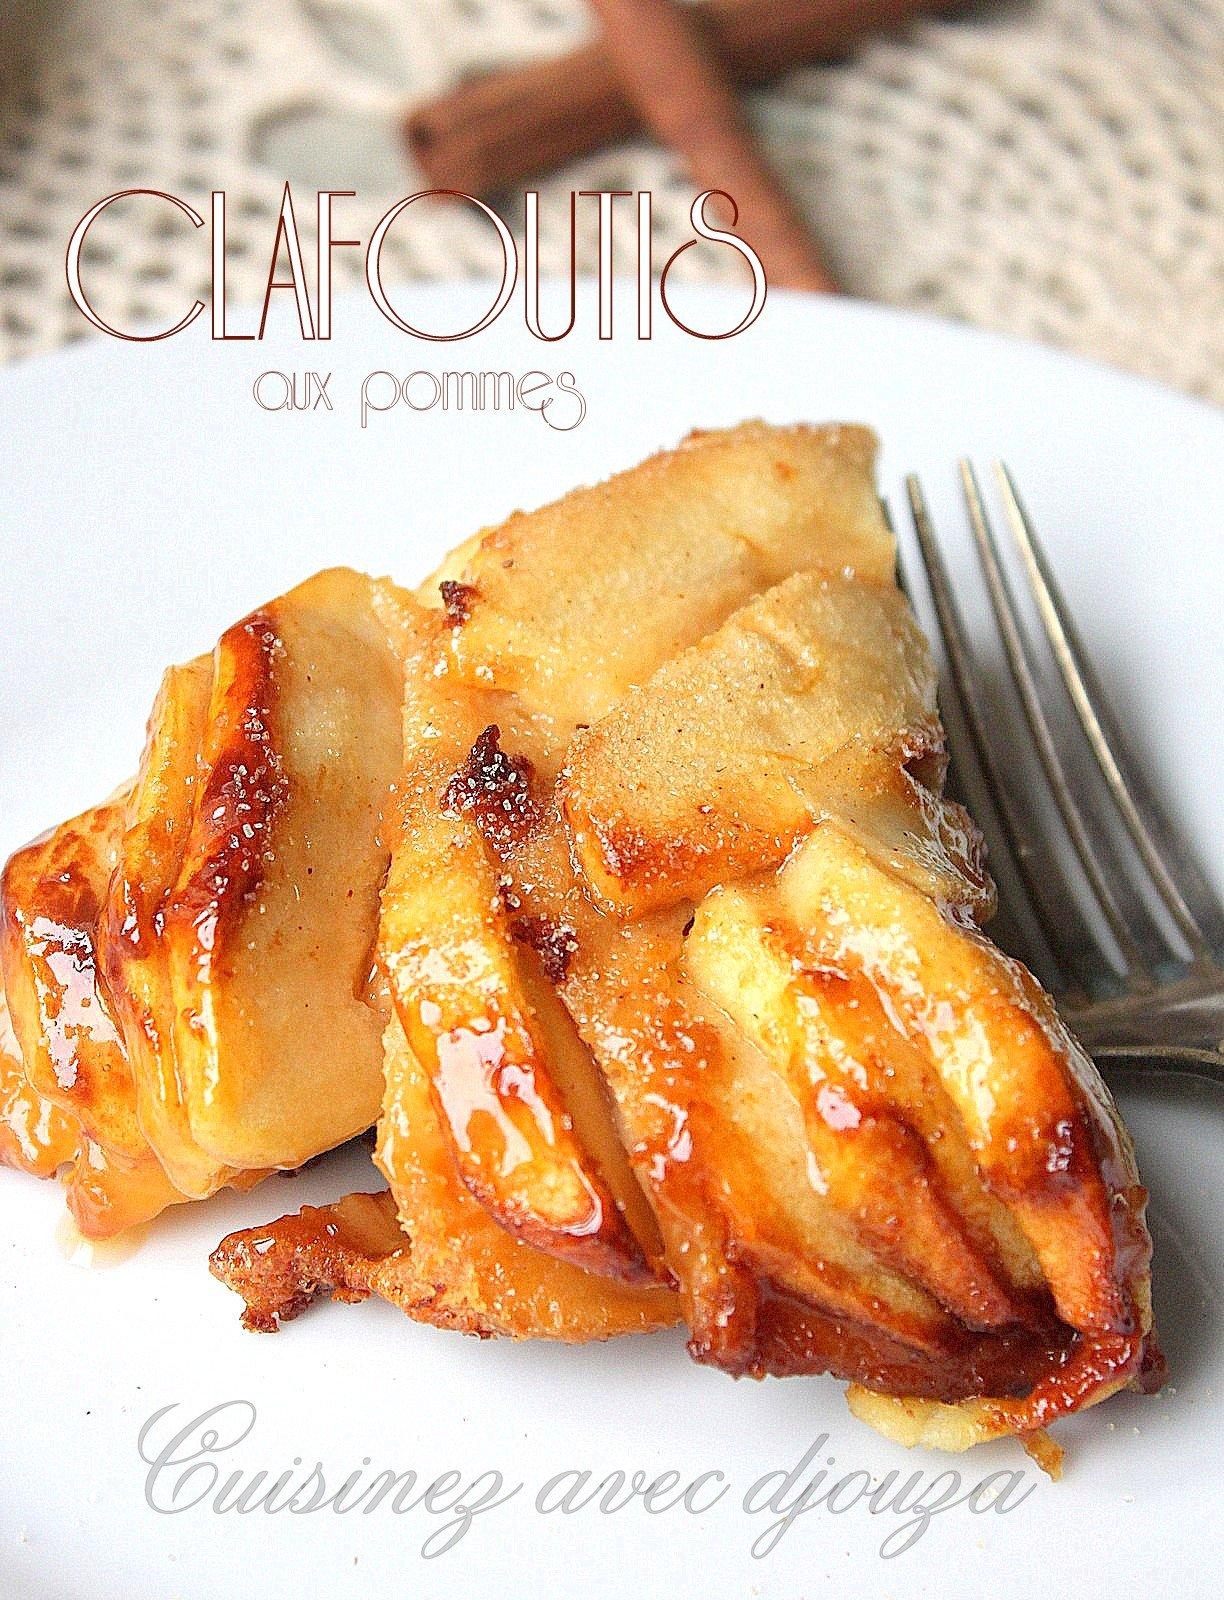 Clafoutis-aux-pommes, gateau au caramel beurre salé